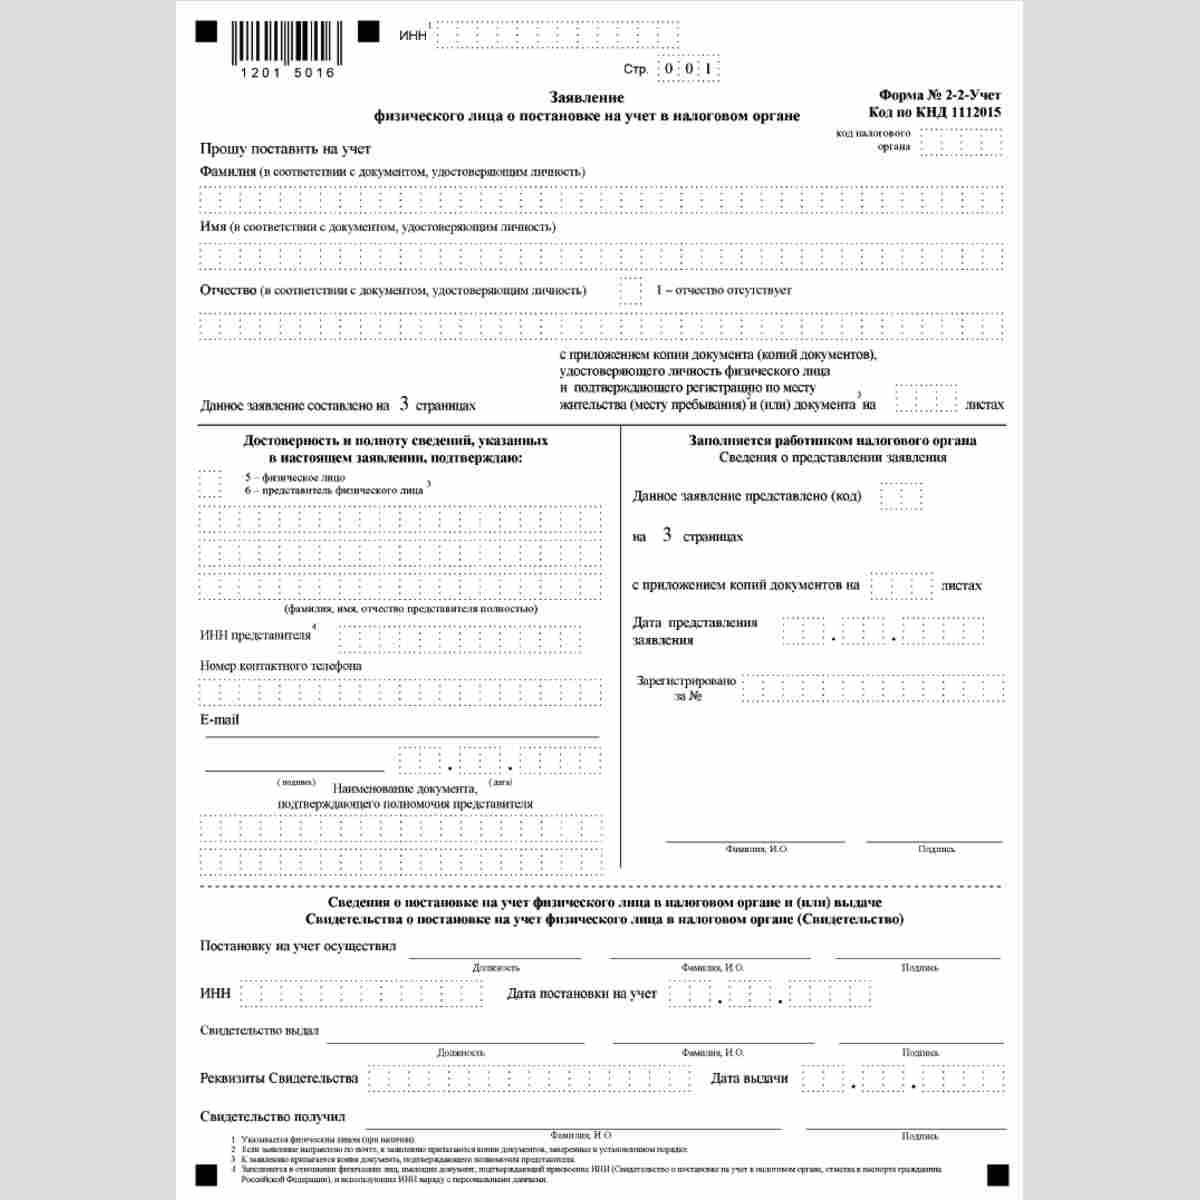 """Форма КНД 1112015 """"Заявление физического лица о постановке на учет в налоговом органе"""" (Форма №2-2-Учет). Стр. 1"""